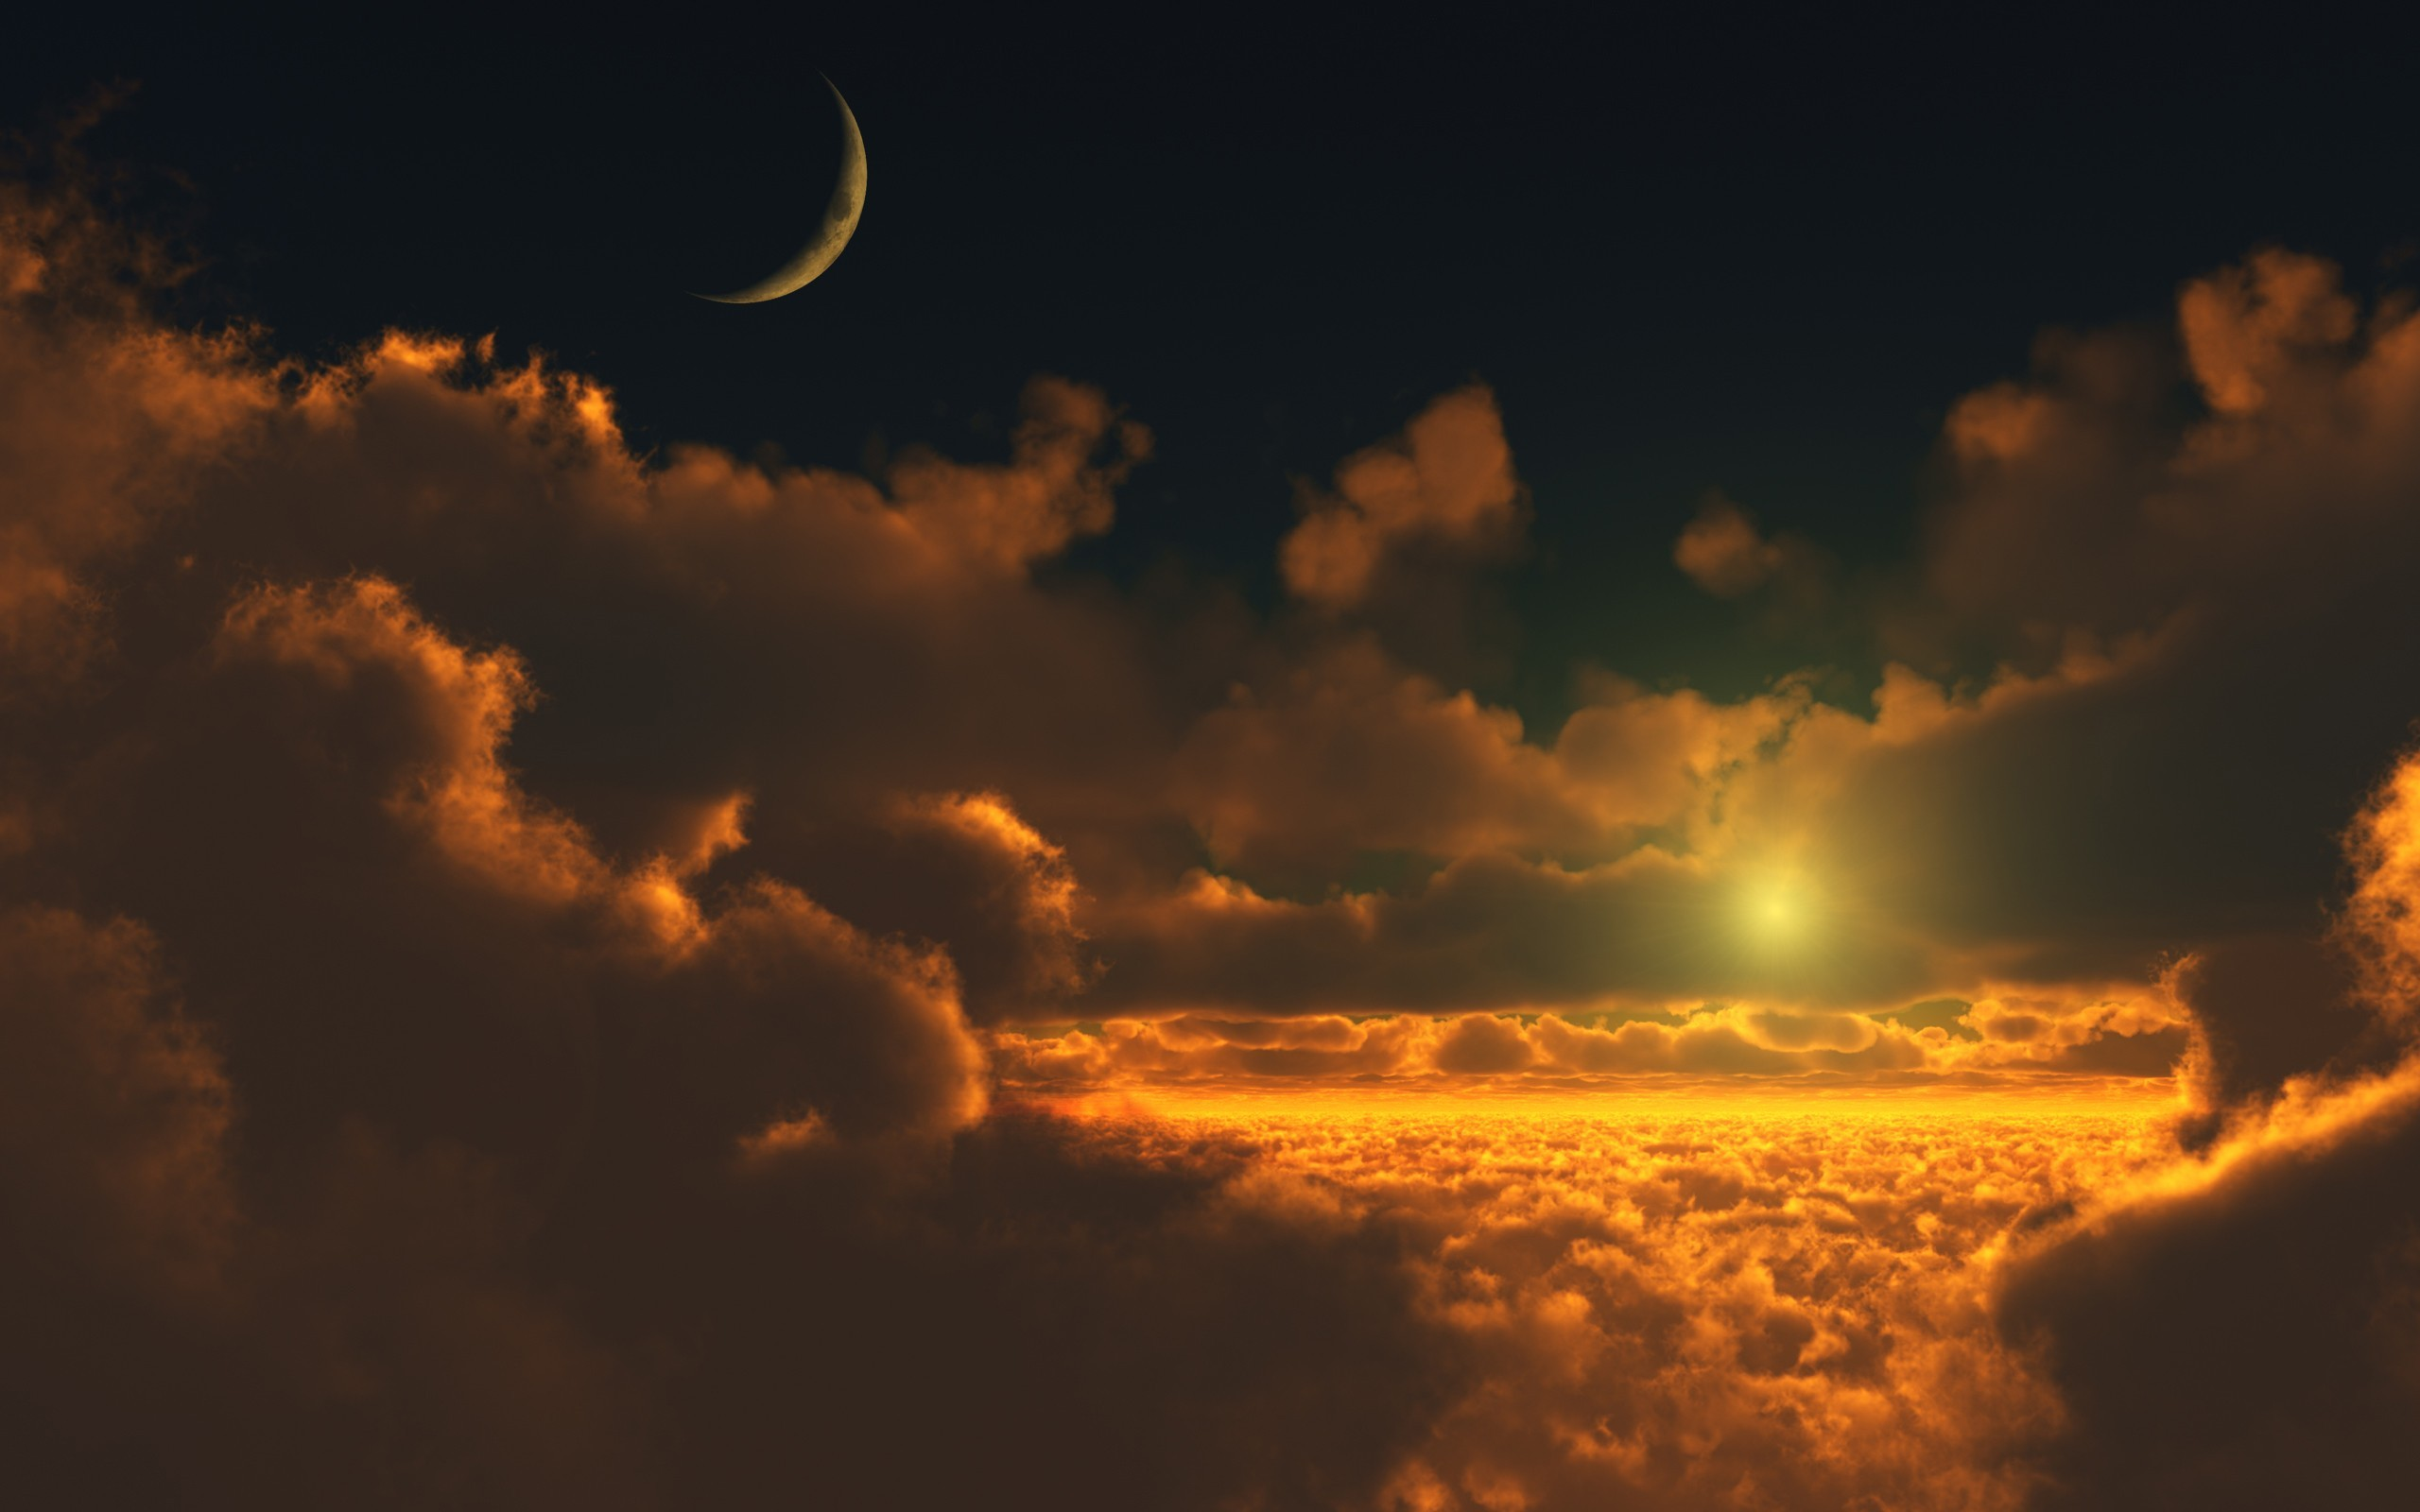 закат солнце облака  № 3852013 без смс